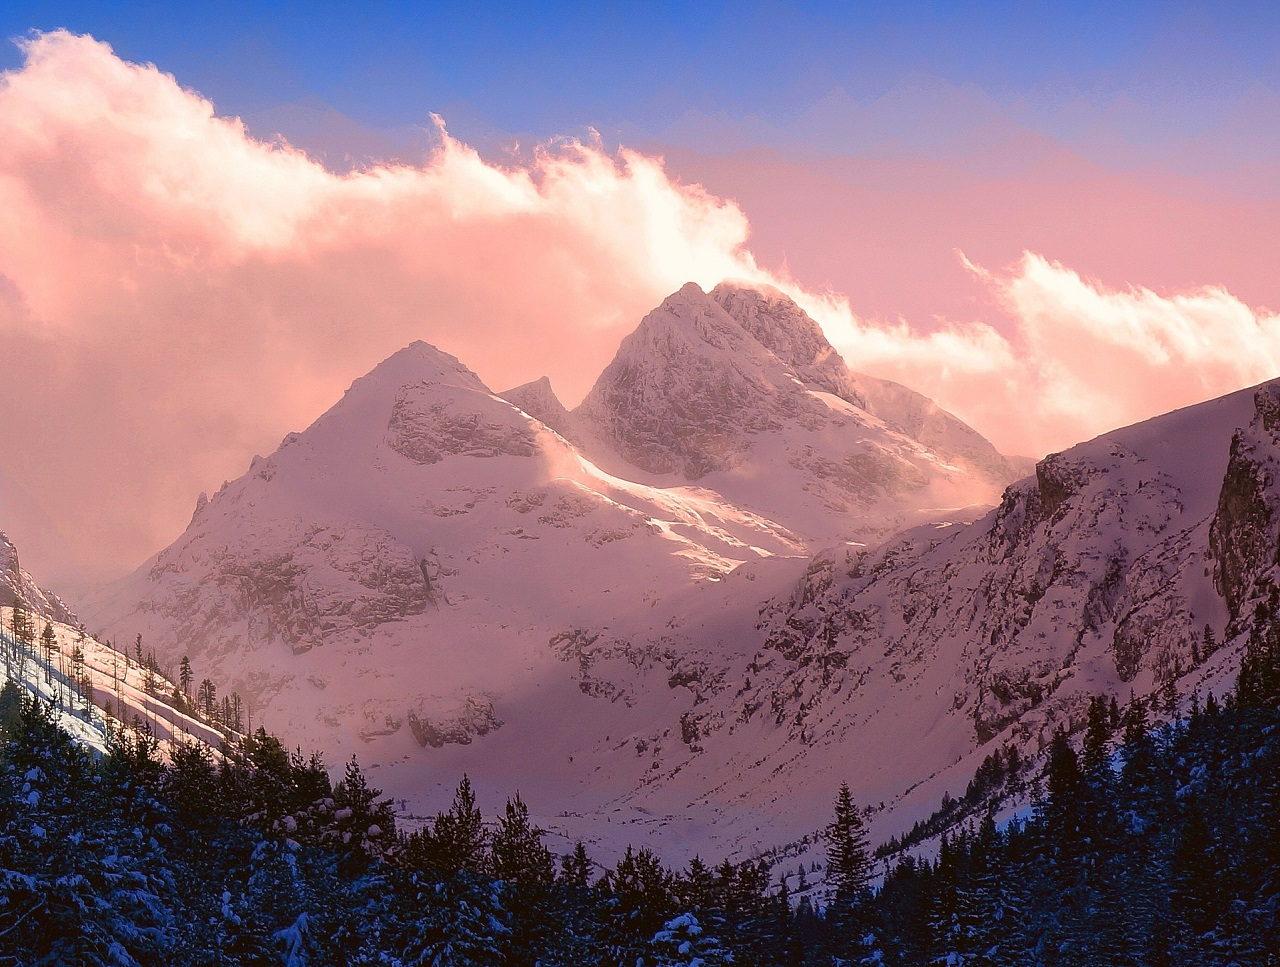 Malyovitsa peak at sunset in the Rila Mountains